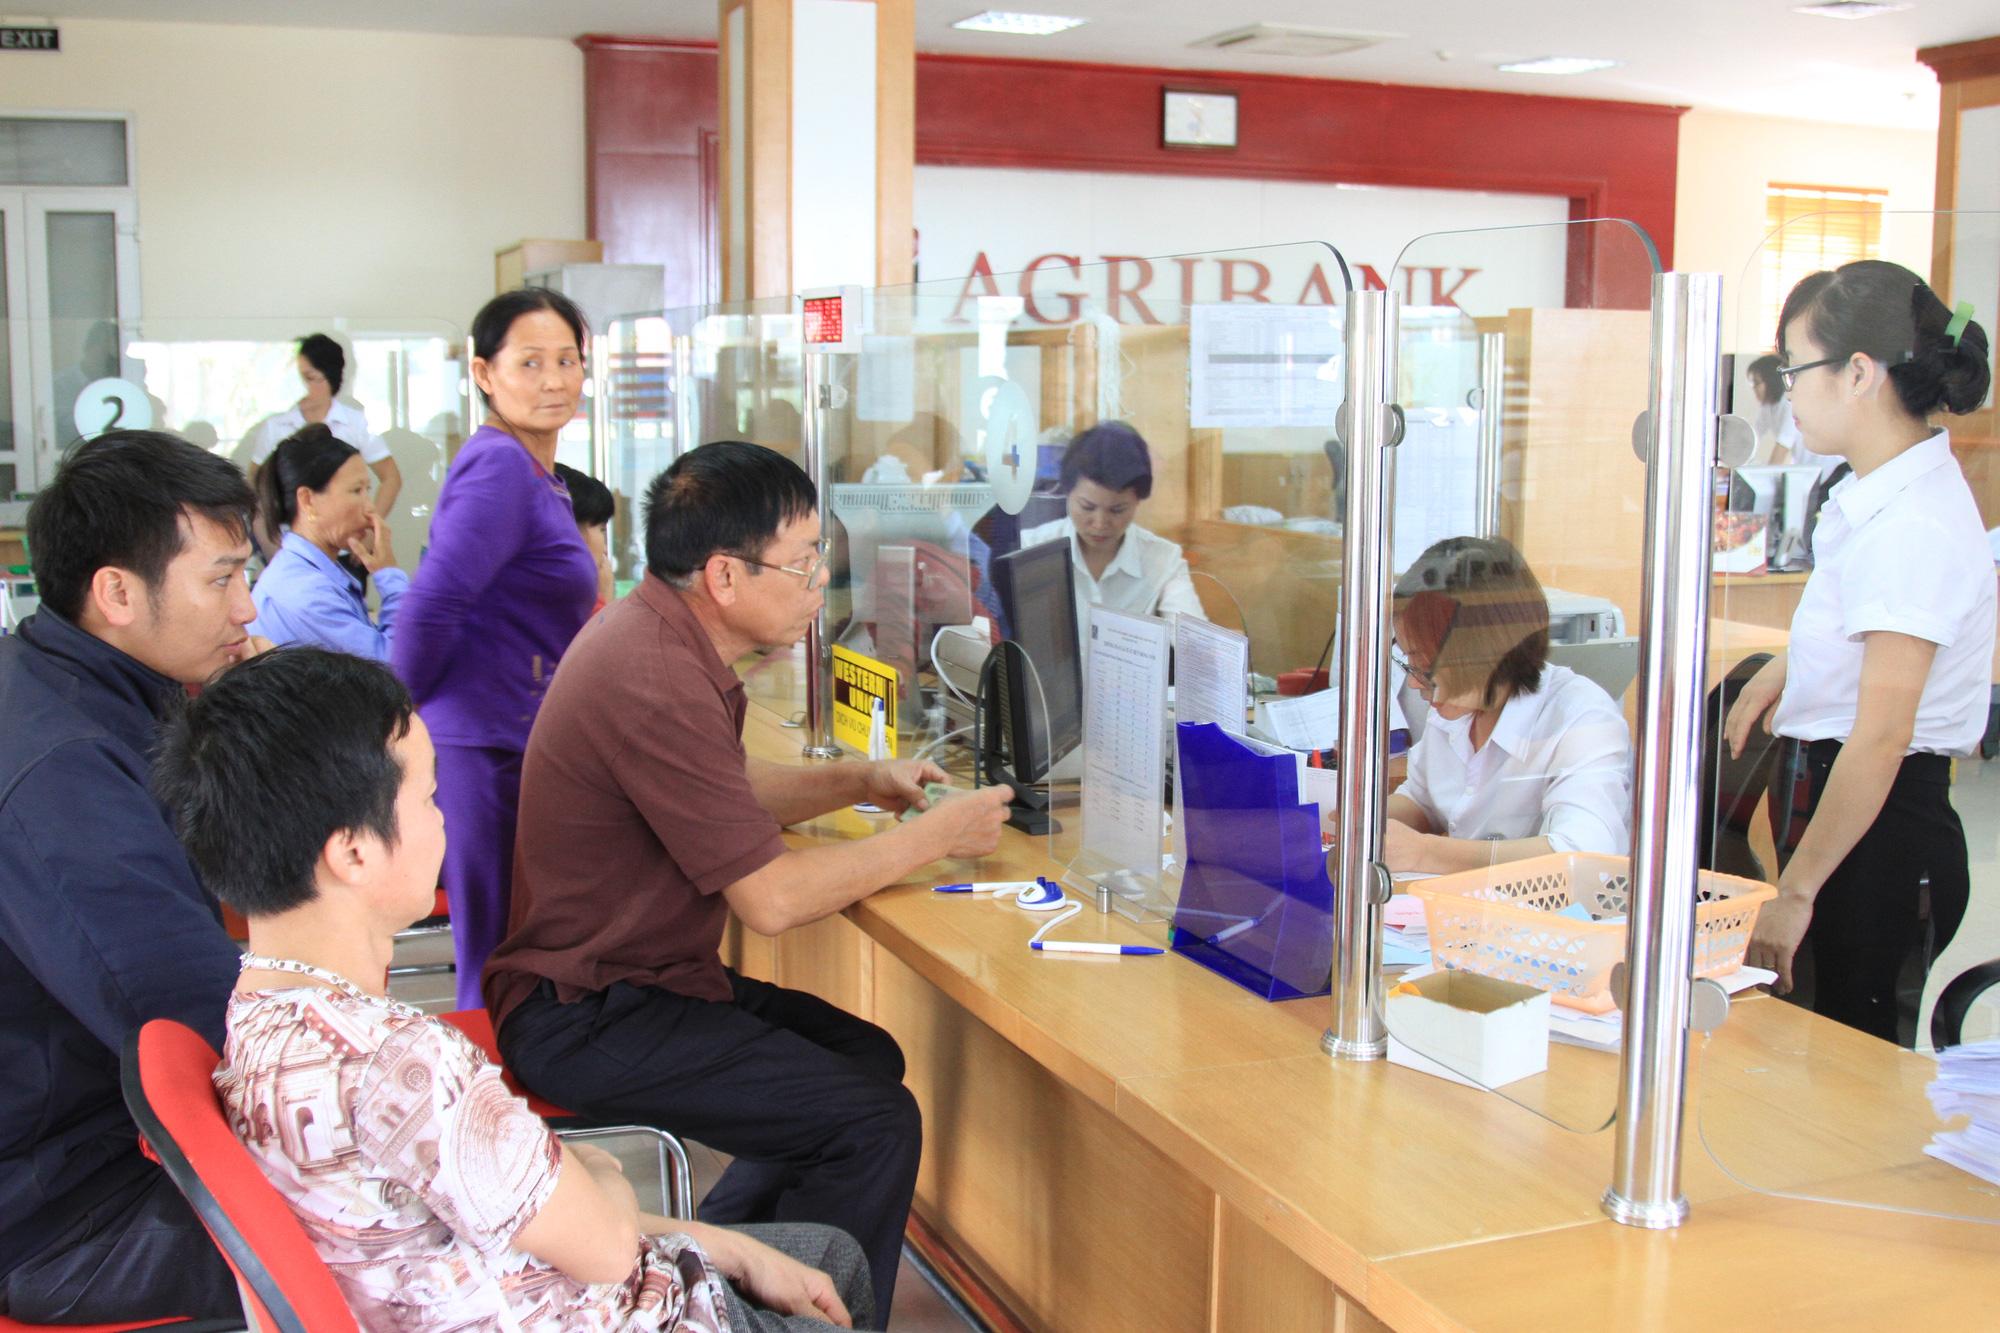 """Gia tăng nguồn vốn phục vụ tiêu dùng tại địa bàn """"Tam nông"""", Agribank kiên định mục tiêu đẩy lùi nạn tín dụng đen - Ảnh 3."""